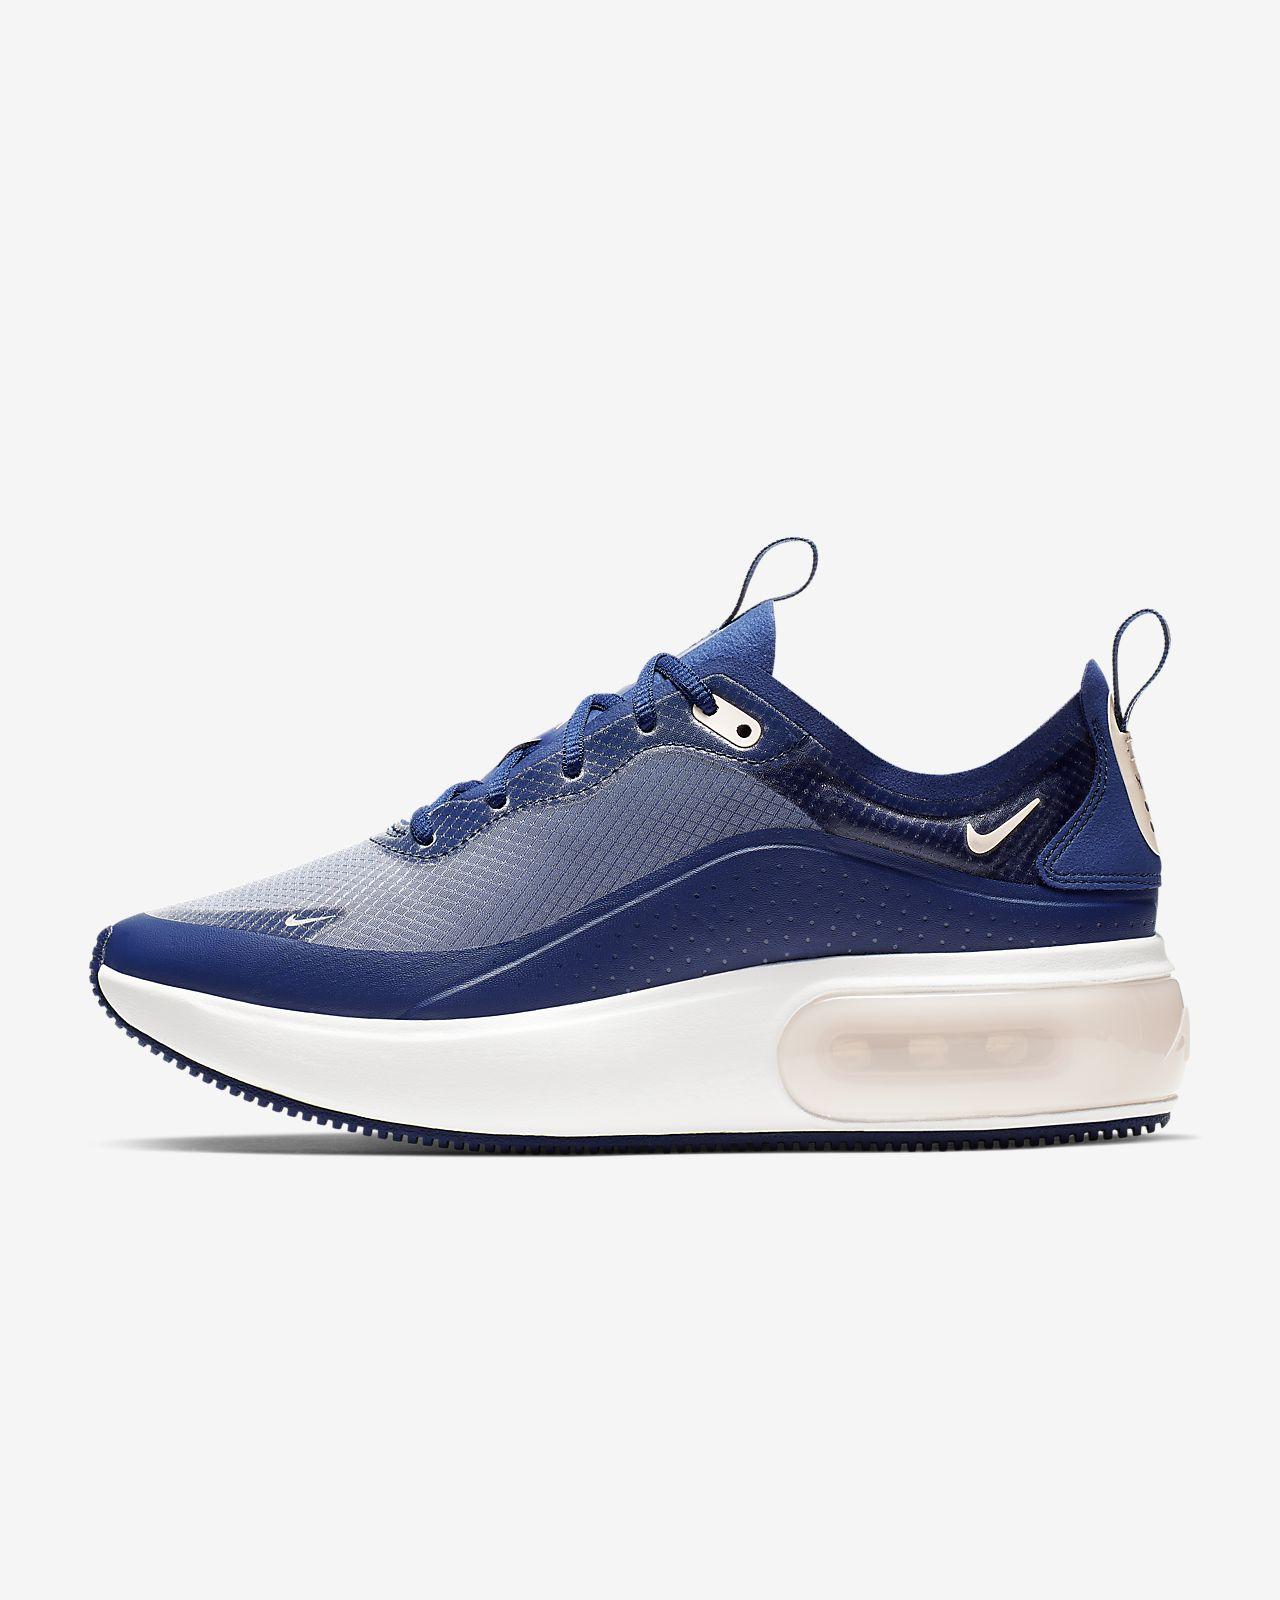 d12a71d62d833 Nike Air Max Dia SE Shoe. Nike.com